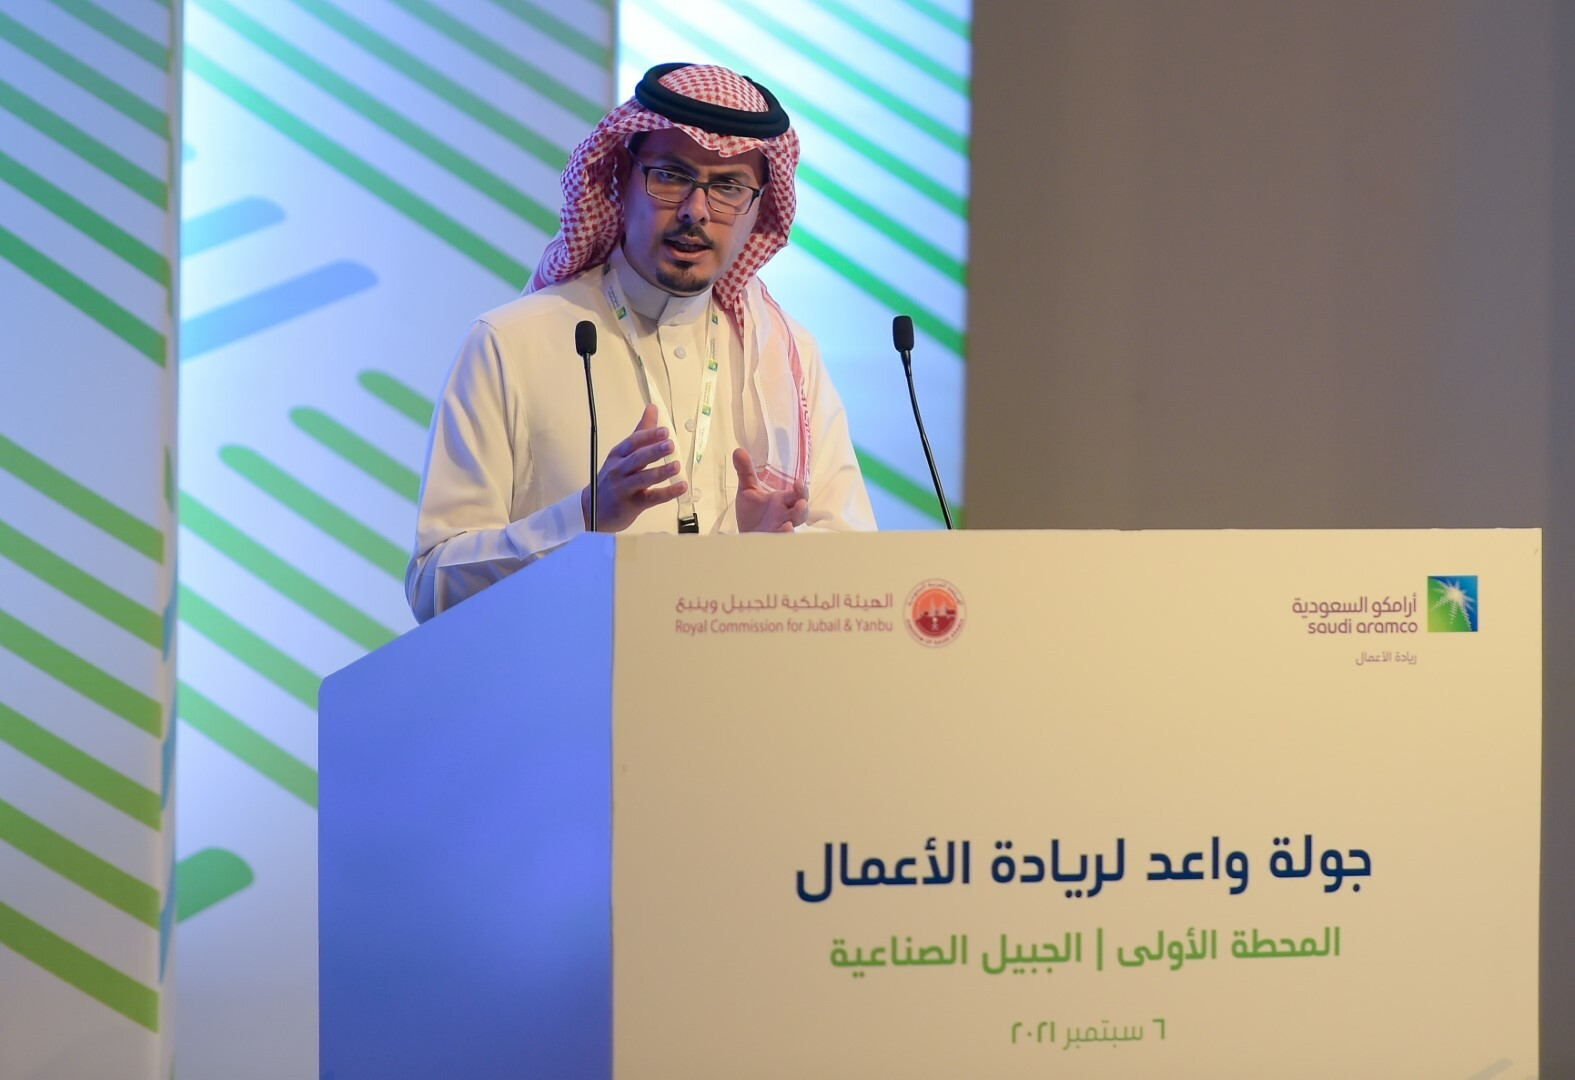 السعودية تبحث عن الجيل المقبل من رواد الأعمال